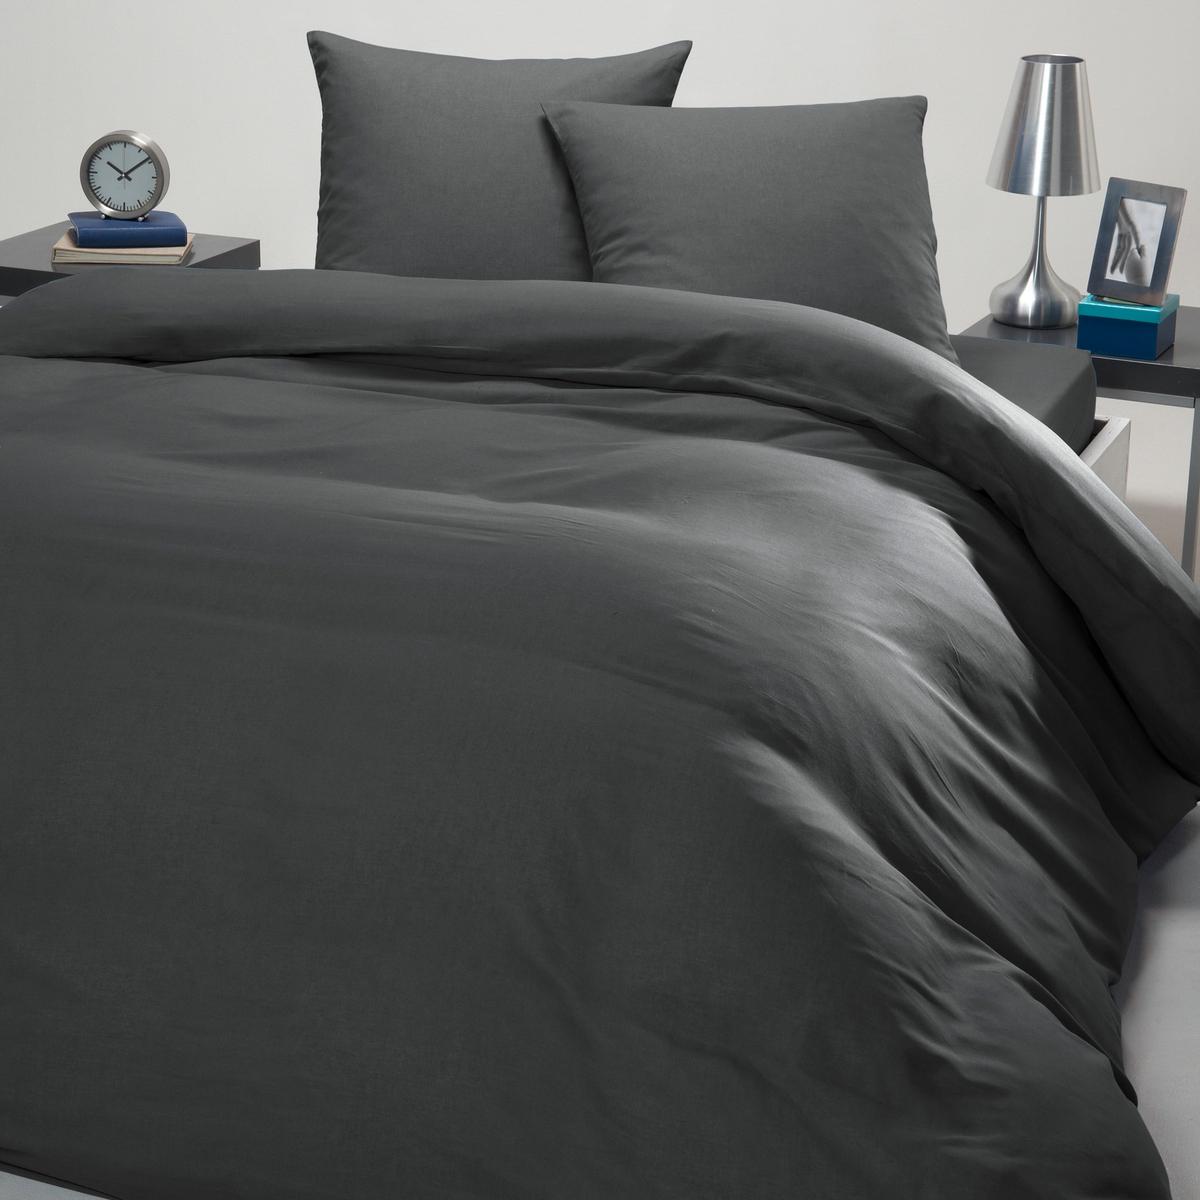 Постельный набор пододеяльник + наволочка, UNIДоставьте себе удовольствие, купив за небольшую цену это постельное белье из 100% хлопка.Характеристики постельного белья:- 100% хлопок  (47 нитей/см?). Чем больше нитей/см?, тем выше качество материала.- 2 разреза на пододеяльнике обеспечивают легкое заправление одеяла. Прямой низ.- Стирка при 60°.Односпальное постельное белье состоит из 1 пододеяльника 140 x 200 + 1 наволочки 63 x 63 см.Двухспальное постельное белье состоит из 1 пододеяльника  200 x 200 или 240 x 220 + 2 наволочек 63 x 63 см.<br><br>Цвет: антрацит,синий<br>Размер: 240 x 220  см.200 x 200  см.260 x 240  см